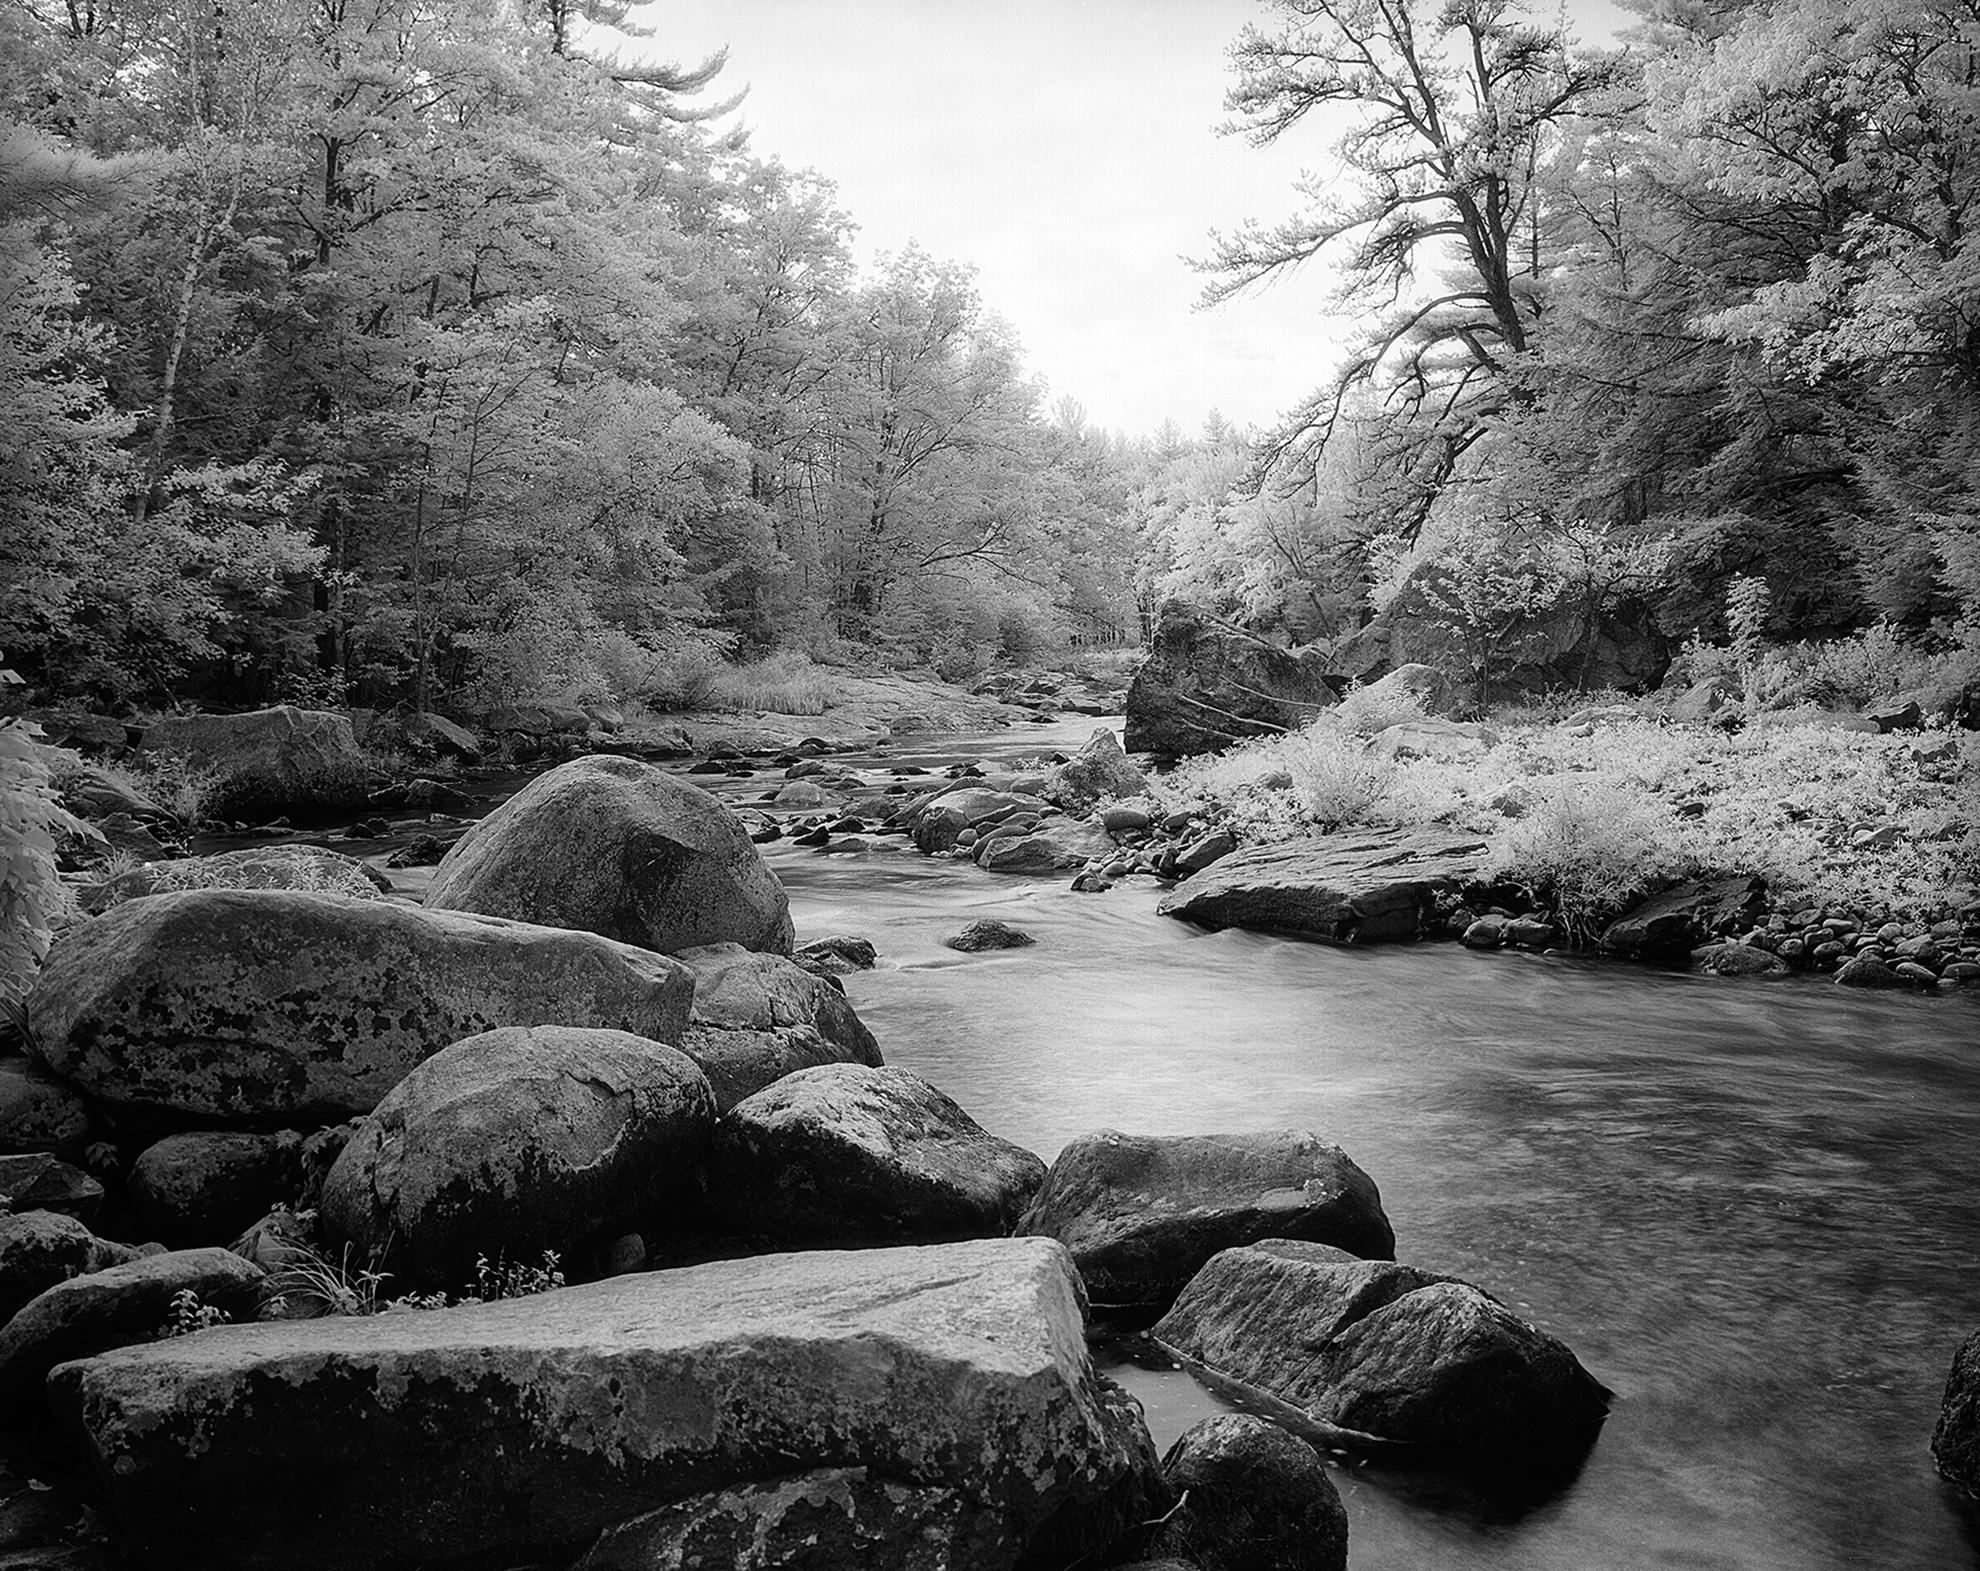 New Hampshire river